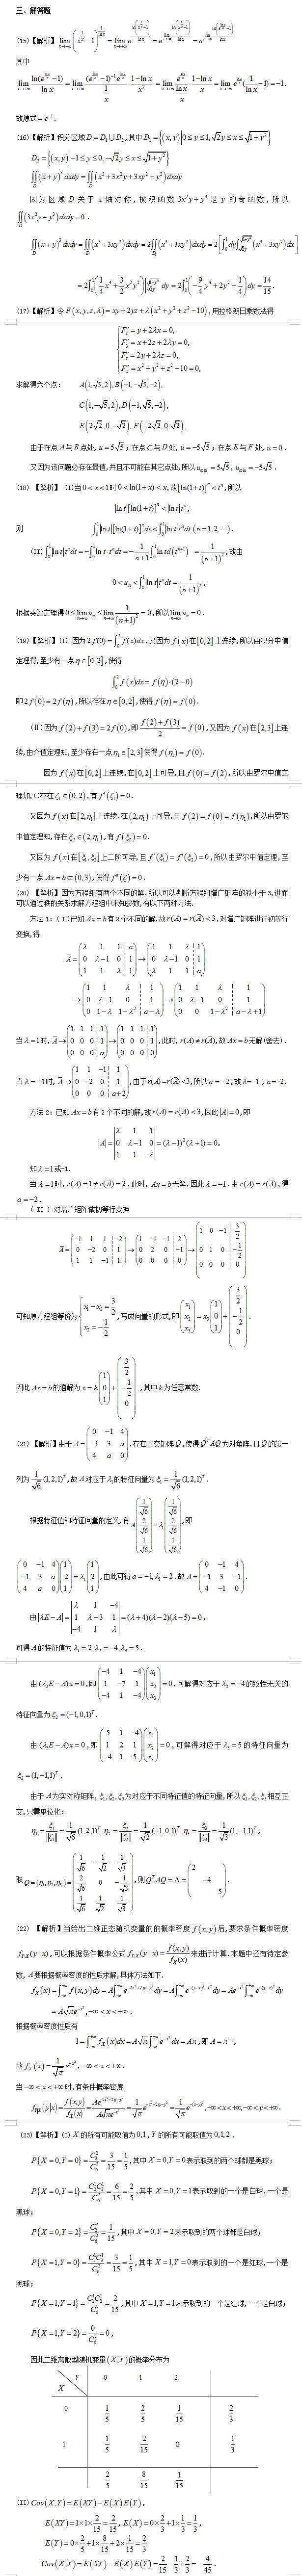 考研数学三真题